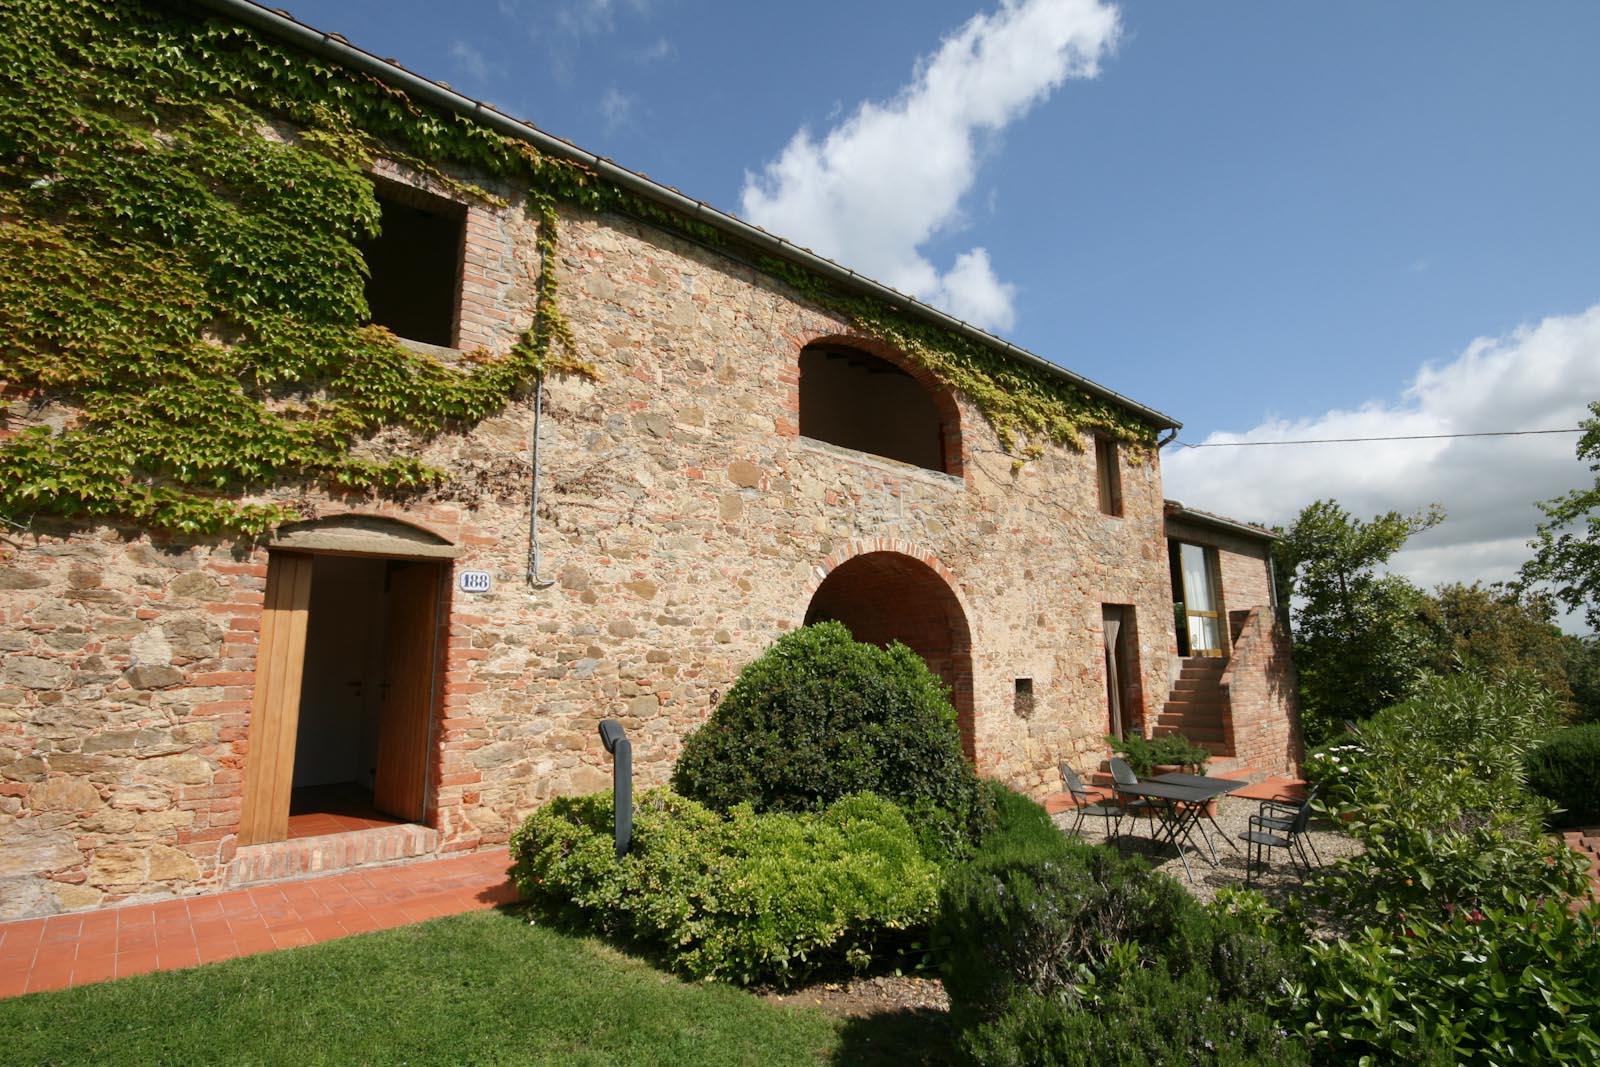 Rustico casale in vendita in italia toscana siena for Case california in vendita con piscina